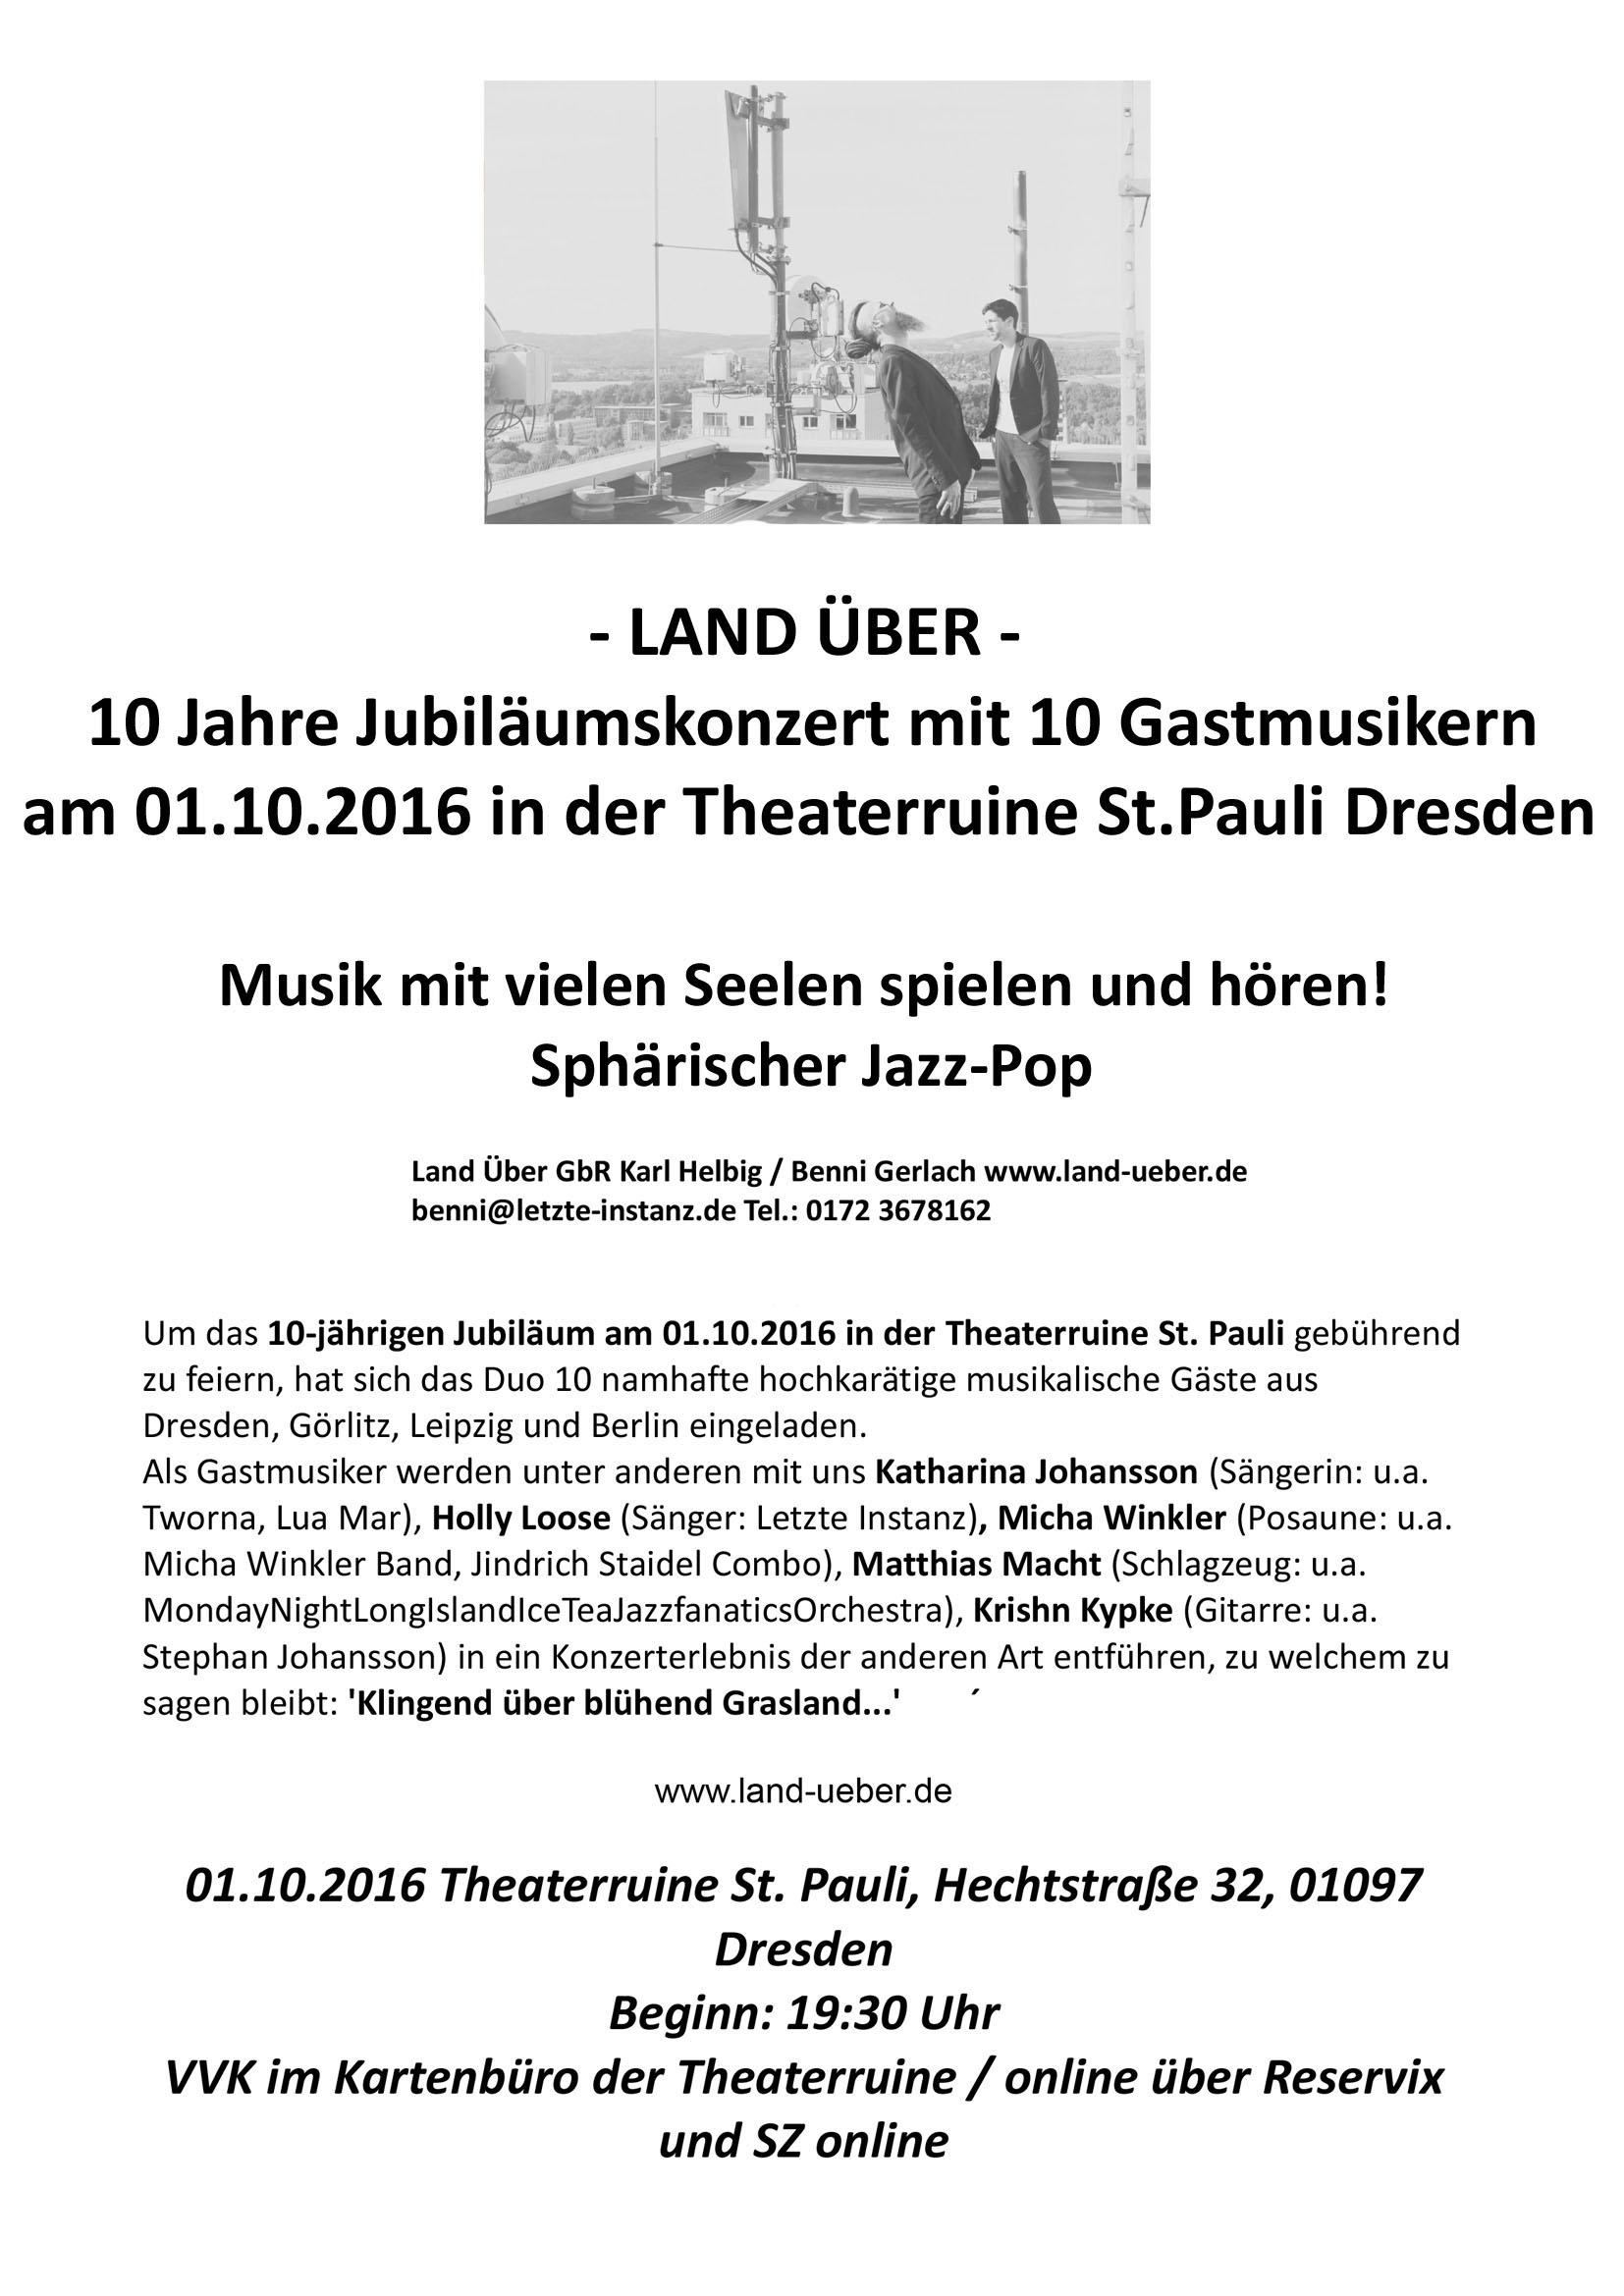 10 Jahre Jubiläumskonzert Land Über @ St. Pauli- Ruine Dresden